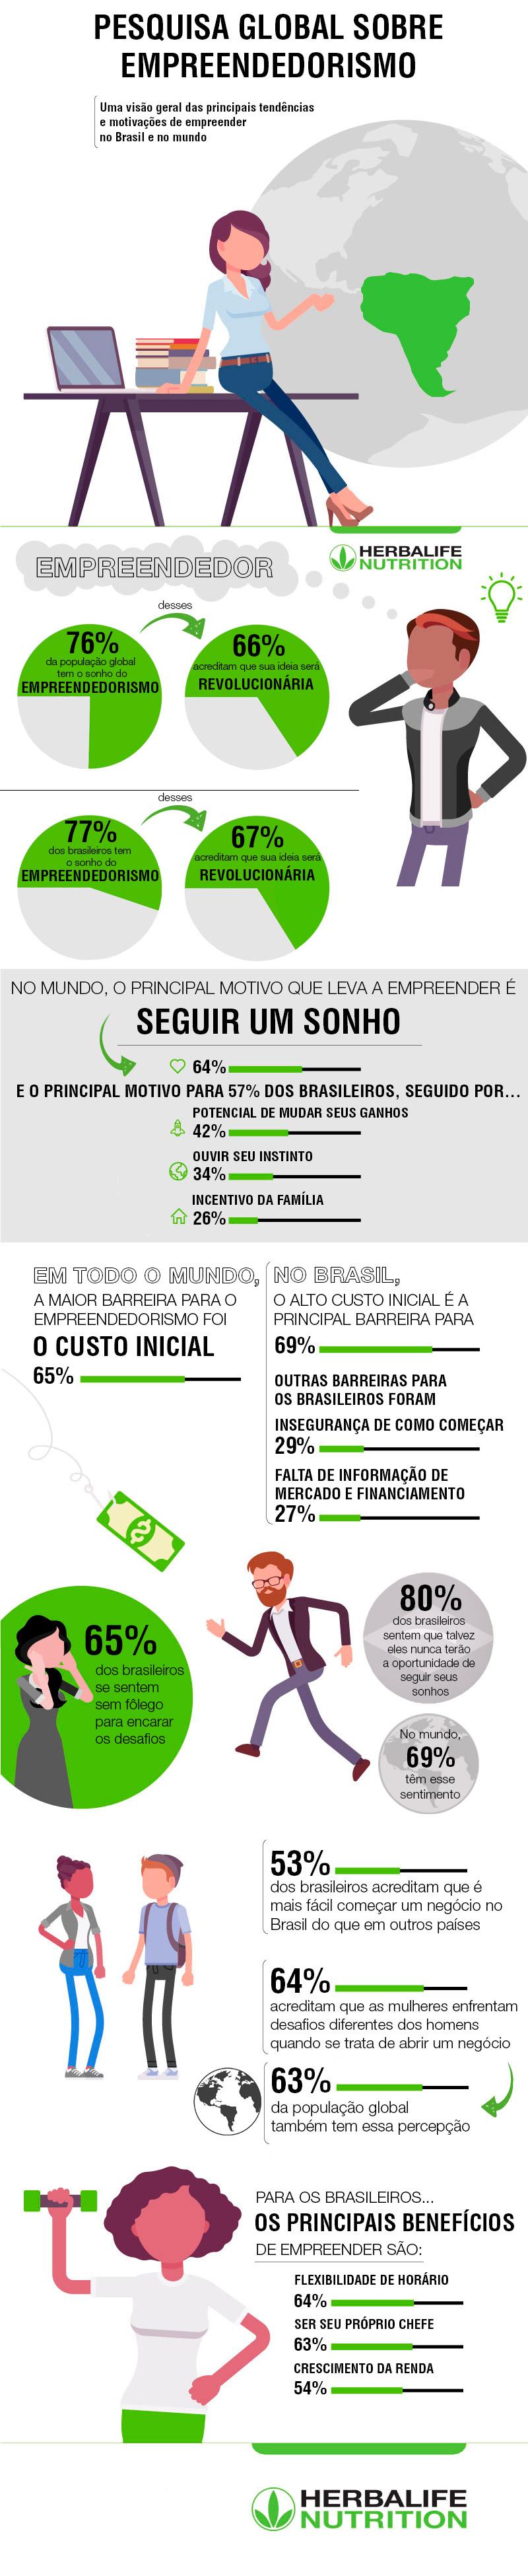 Divulgação/Infográfico da pesquisa sobre empreendedorismo